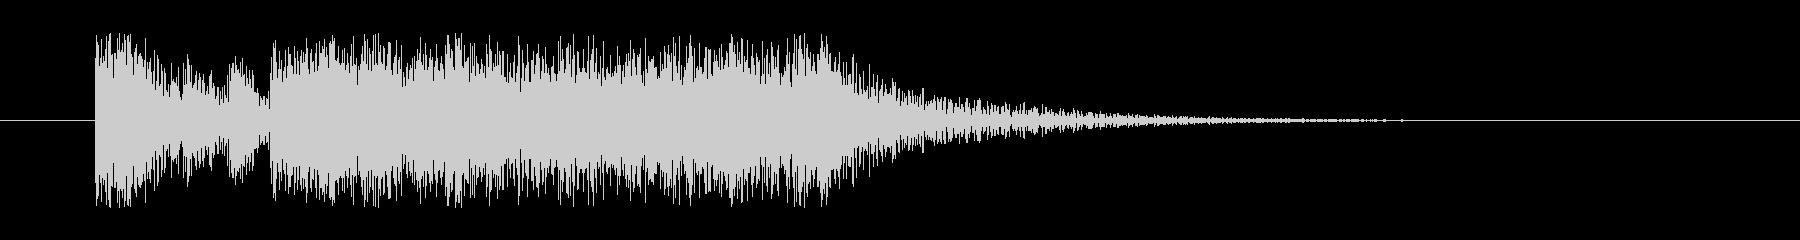 クエストクリアや勝利時のファンファーレの未再生の波形